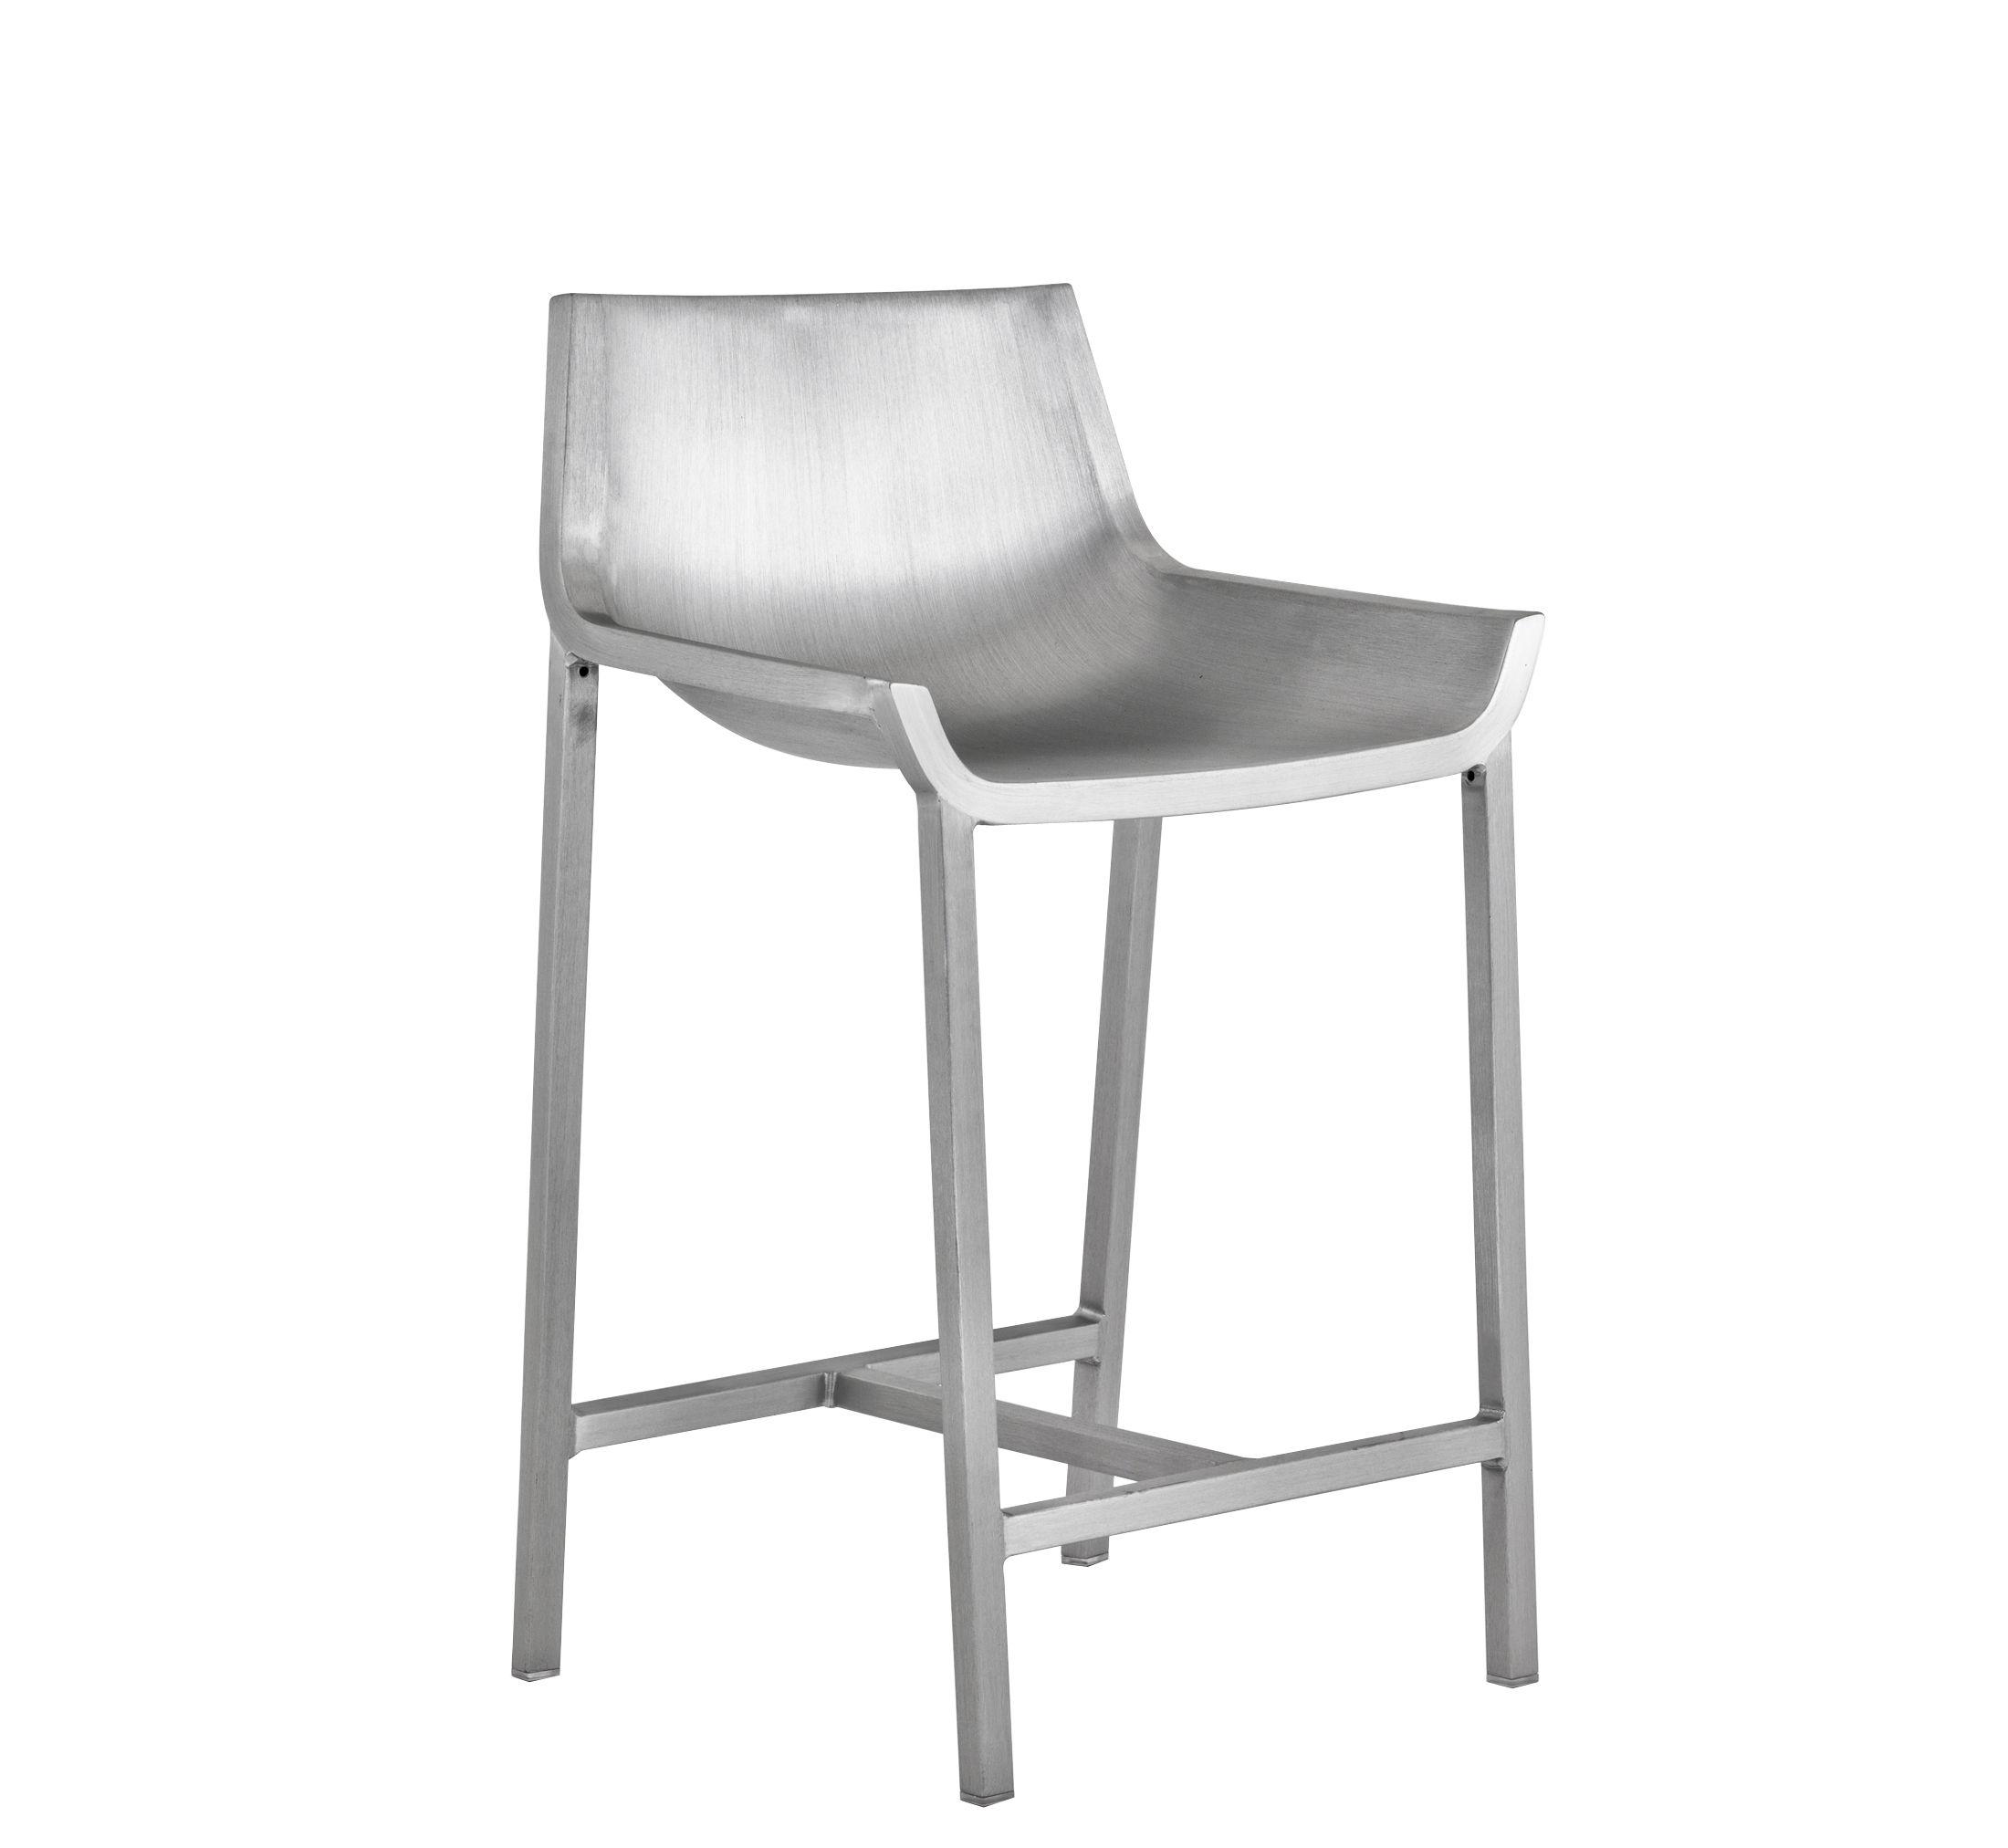 ... Mobilier - Tabourets de bar - Chaise de bar Sezz   H 61 cm - Aluminium 93cc55928a15